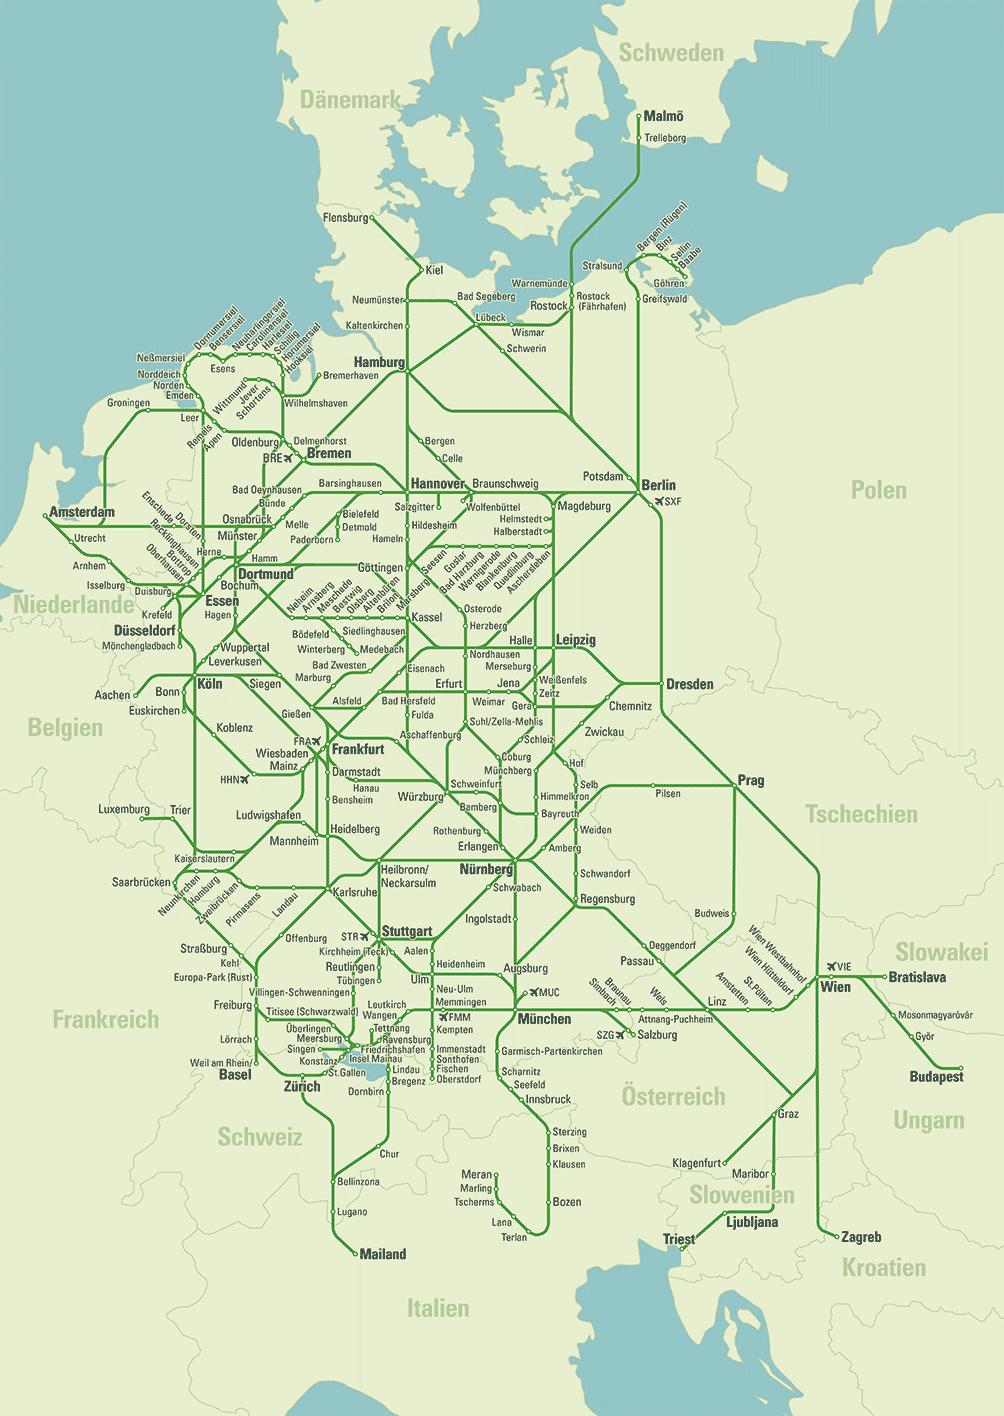 flixbus karte Travel with Flixbus | Reizen | Reisen deutschland, Deutschland und